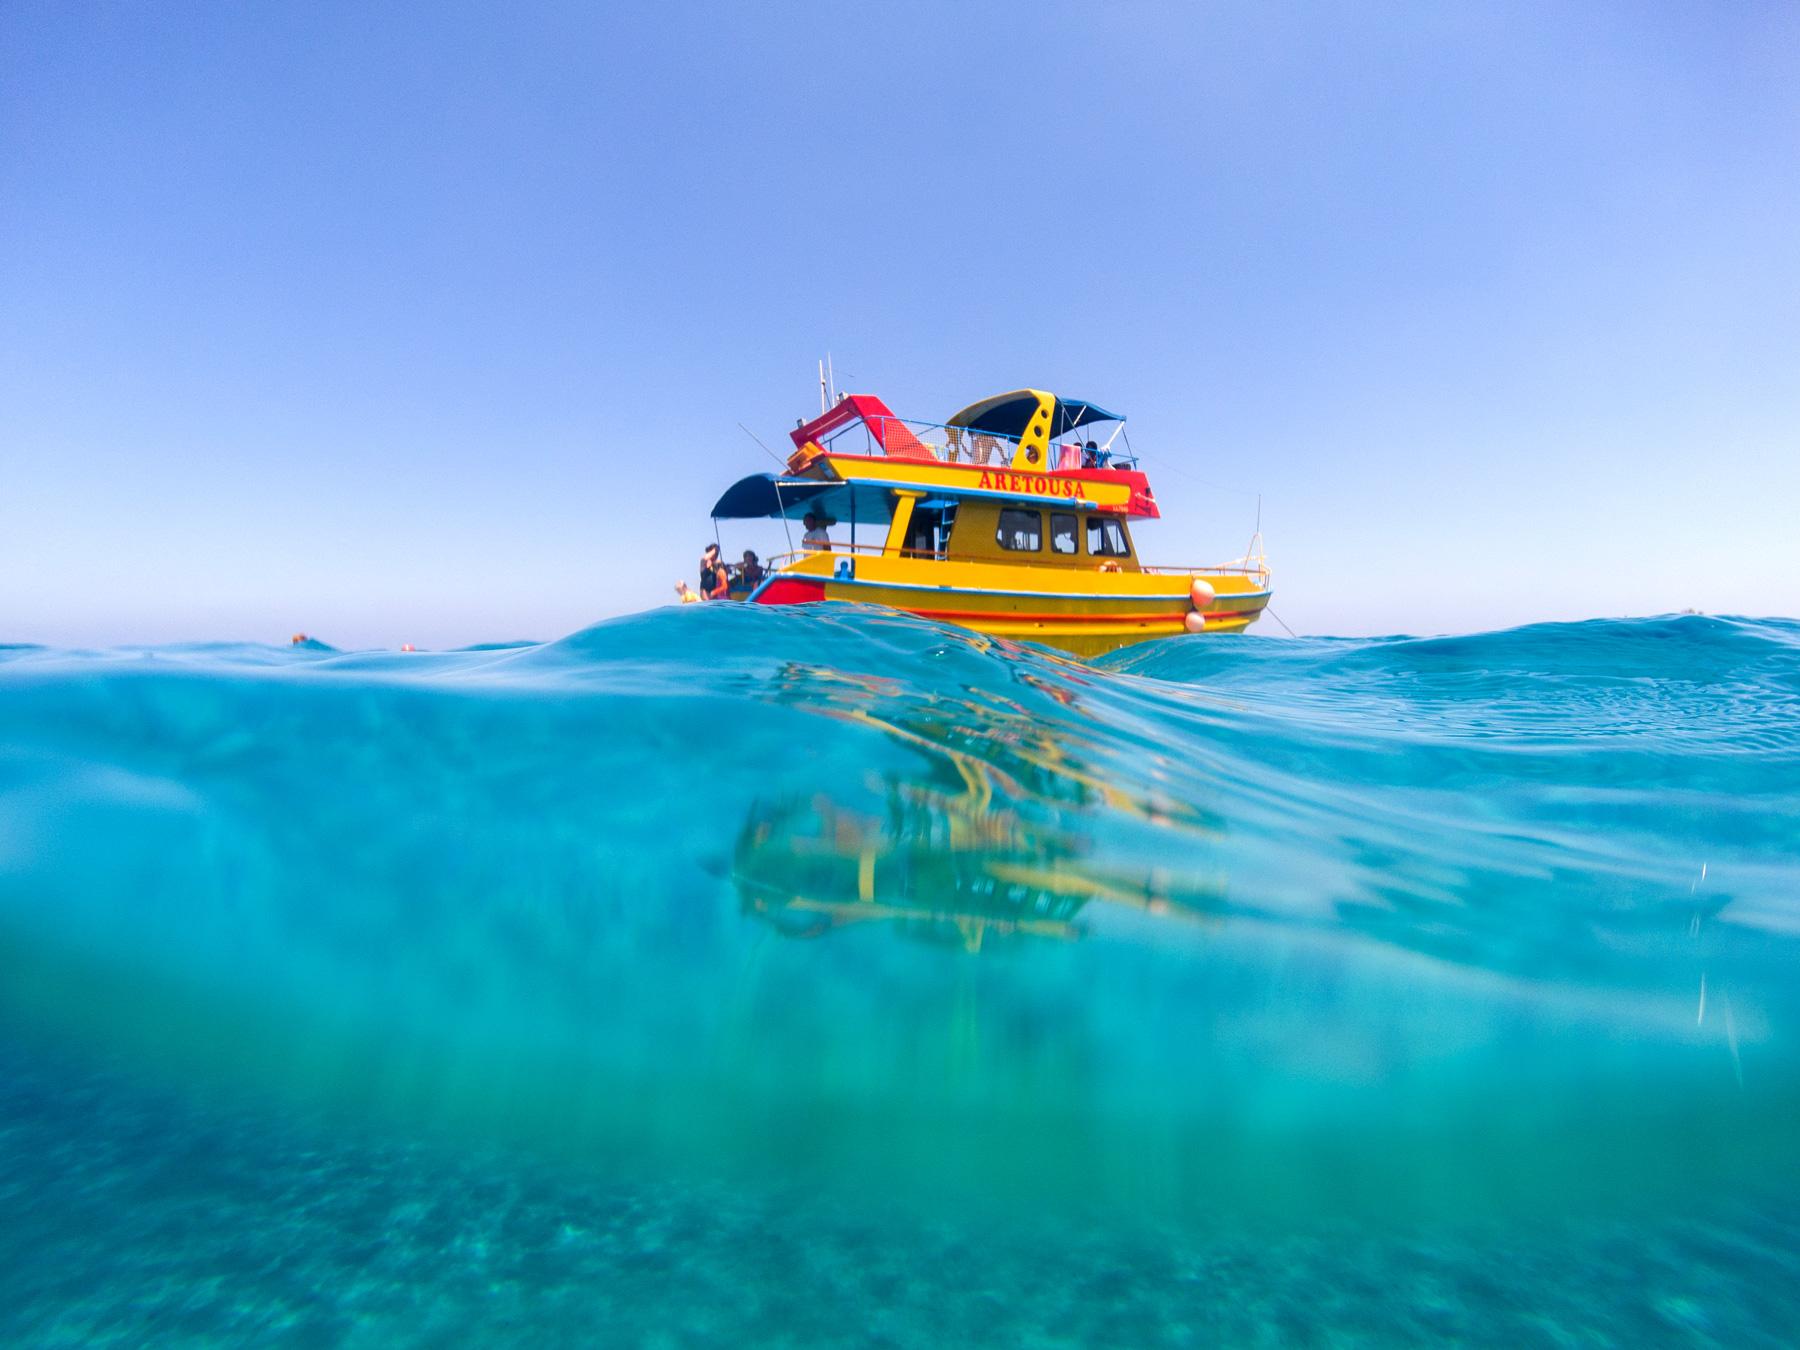 Yellow Boat Aretousa Cyprus